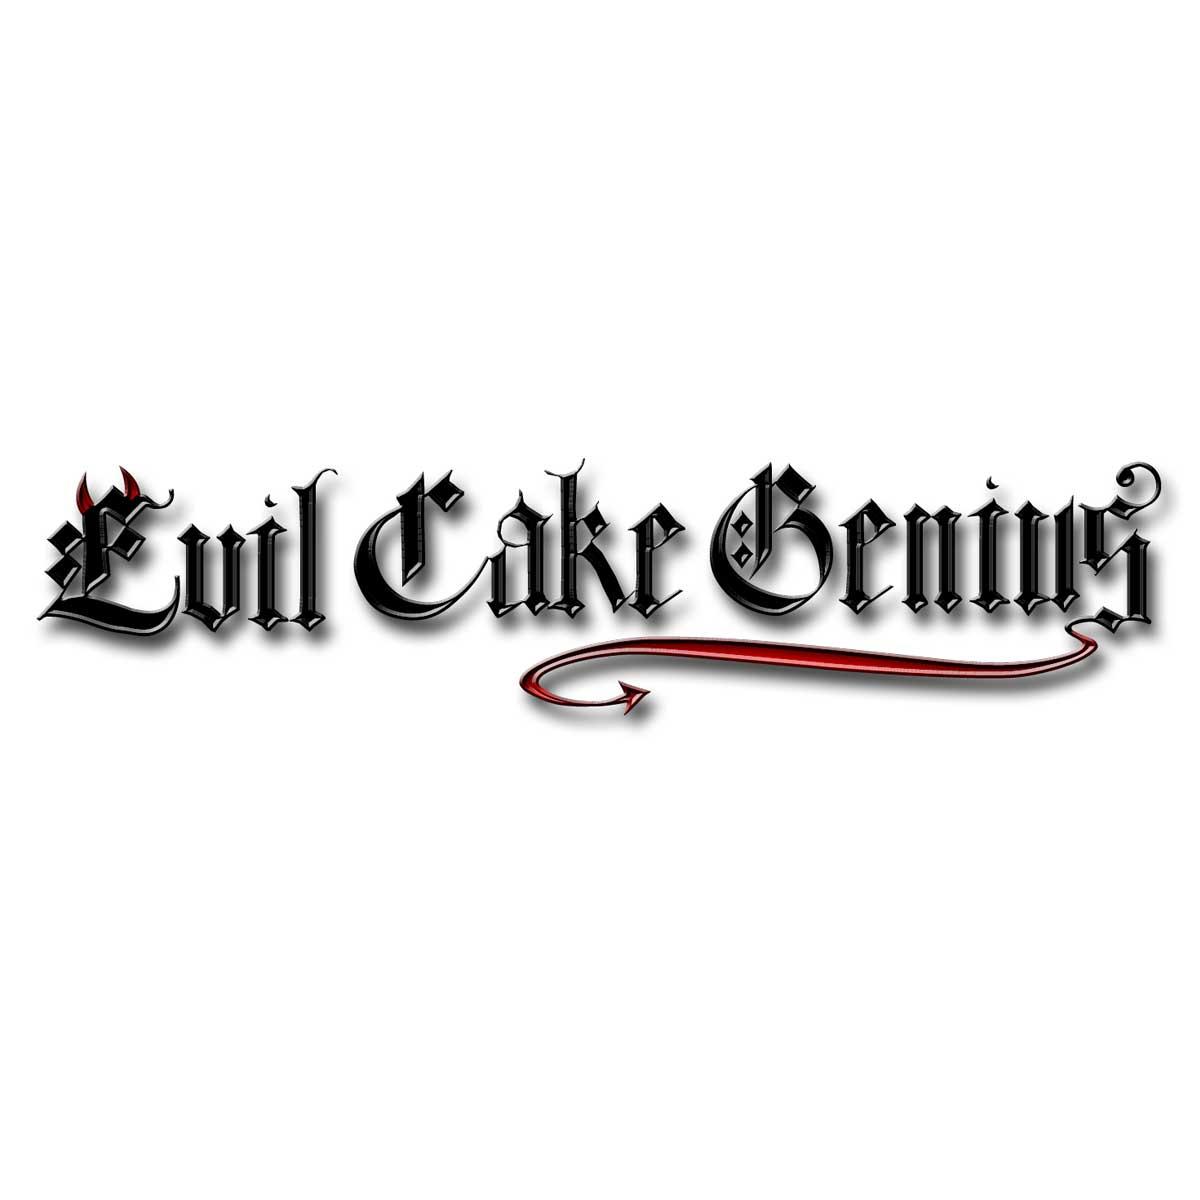 Evil cake genius cake stencil art deco scallop chandelier stencil mozeypictures Images